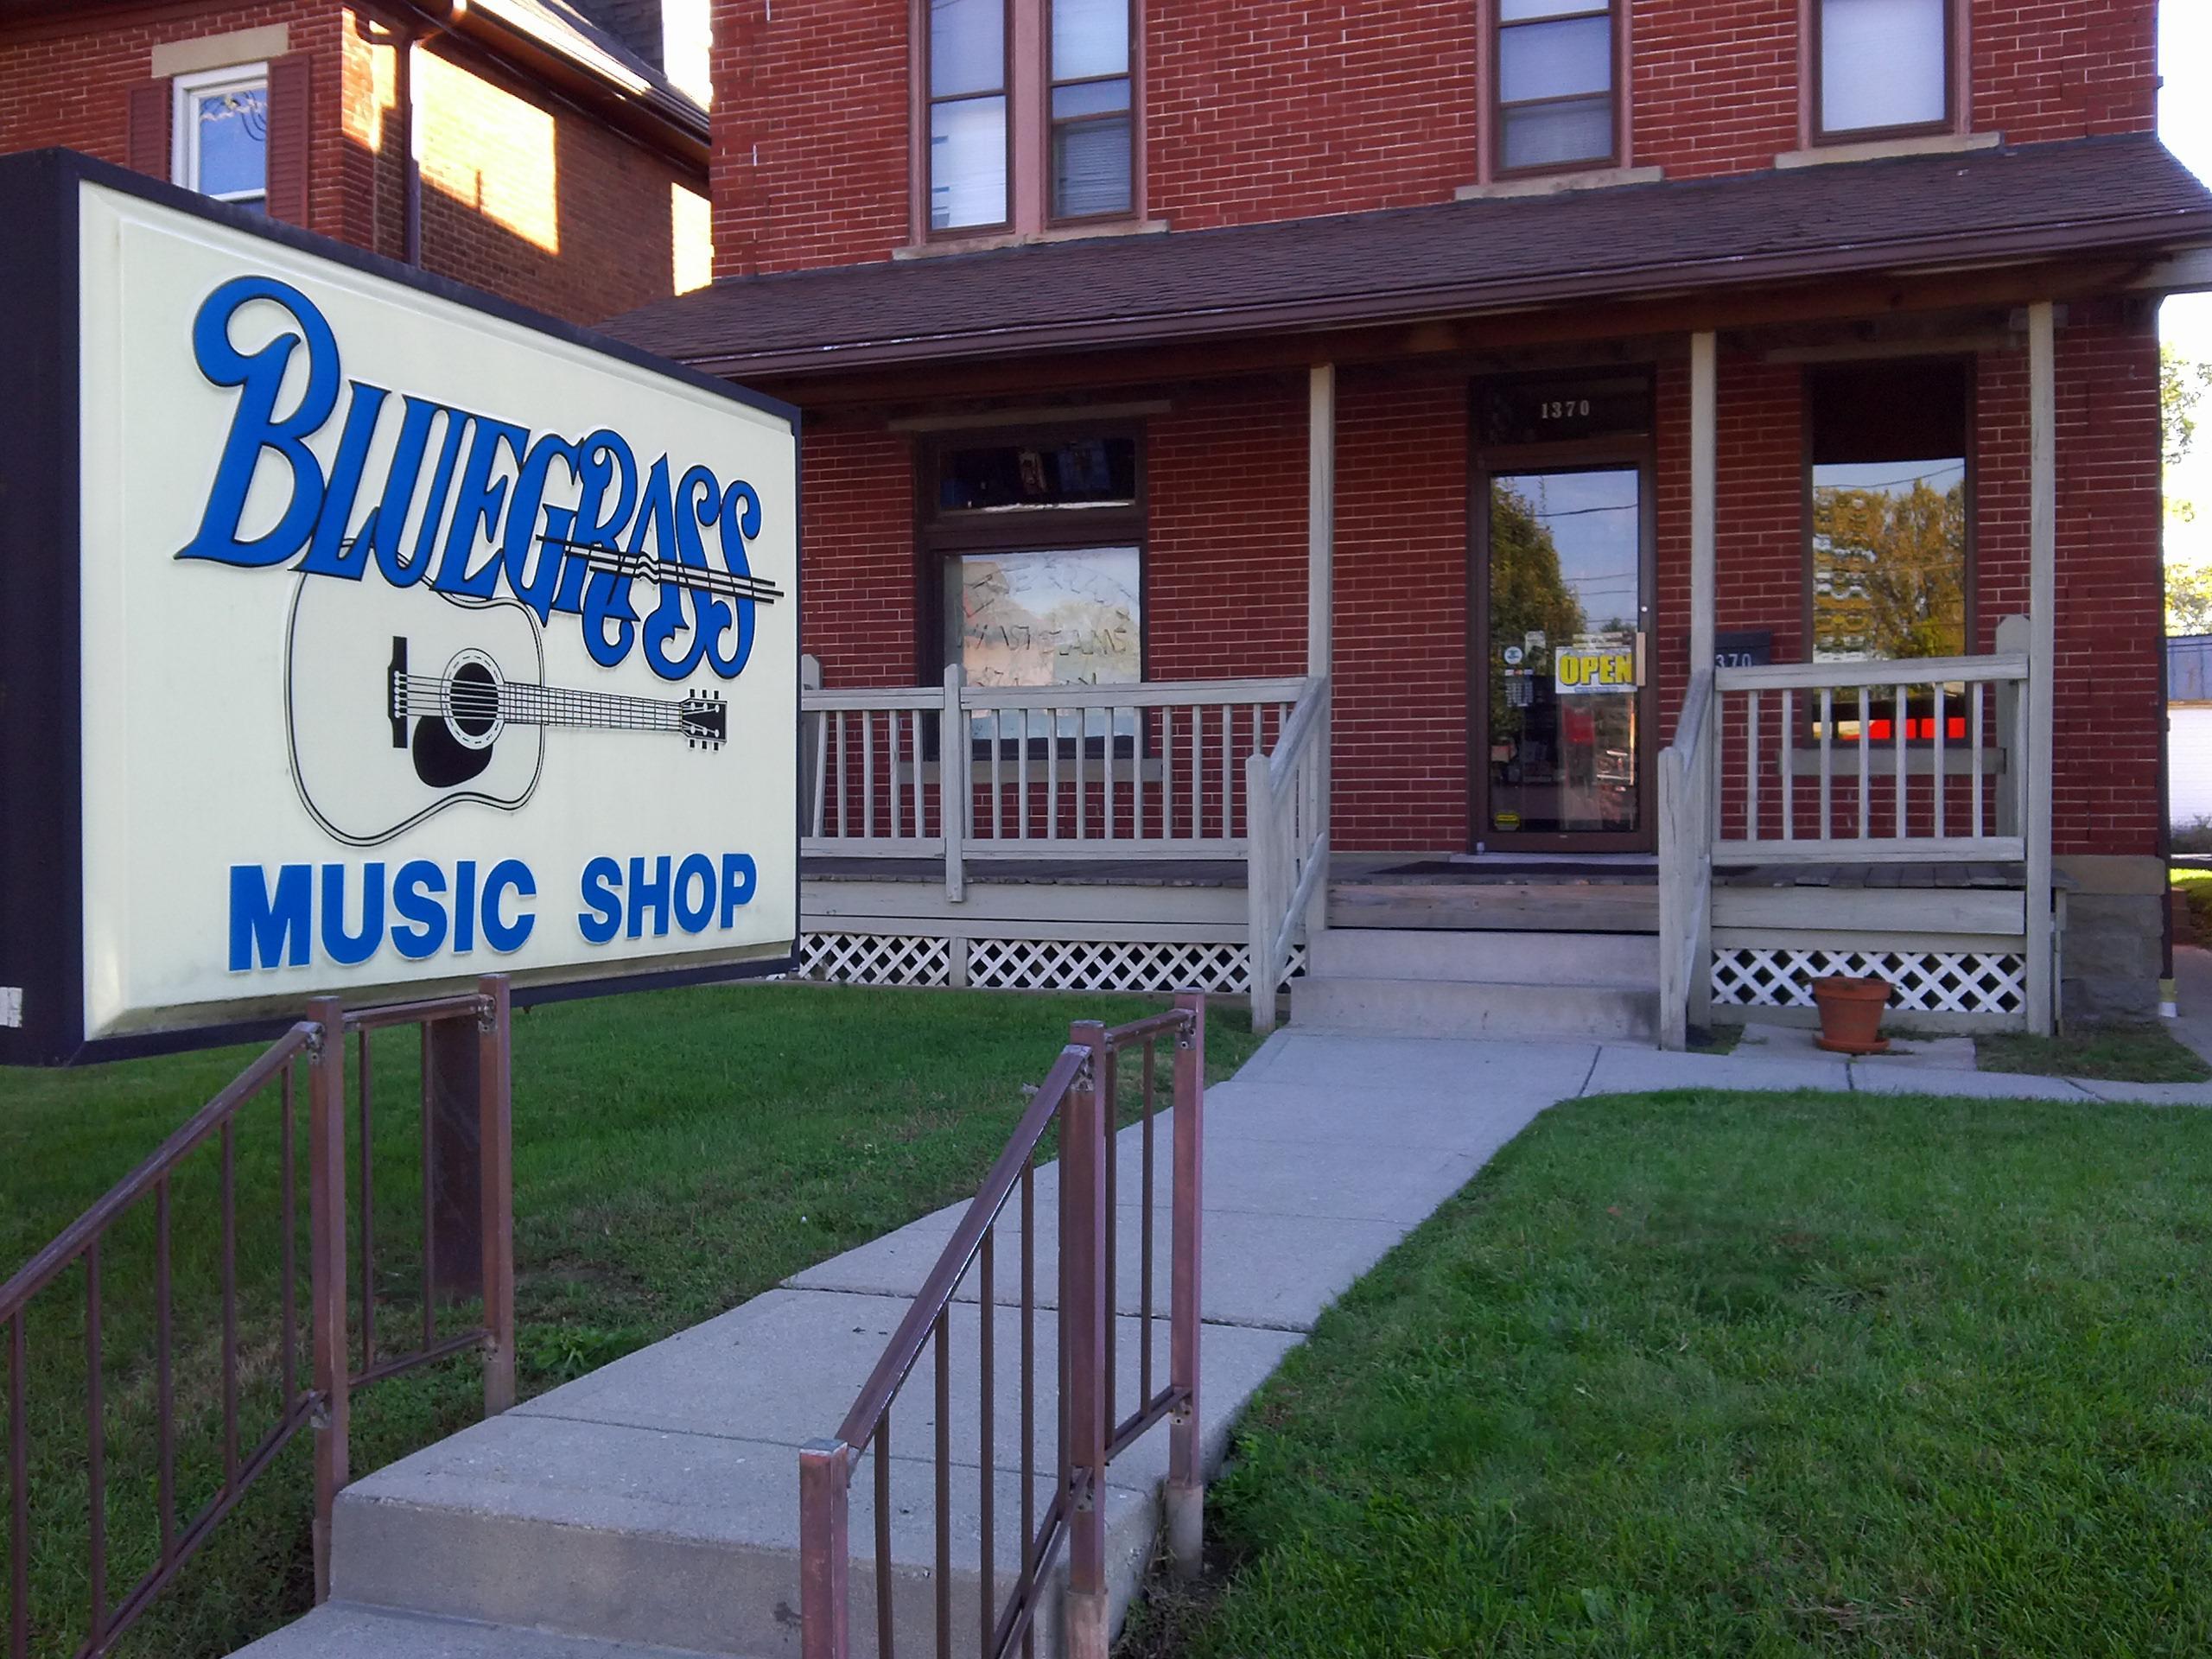 bluegrass store